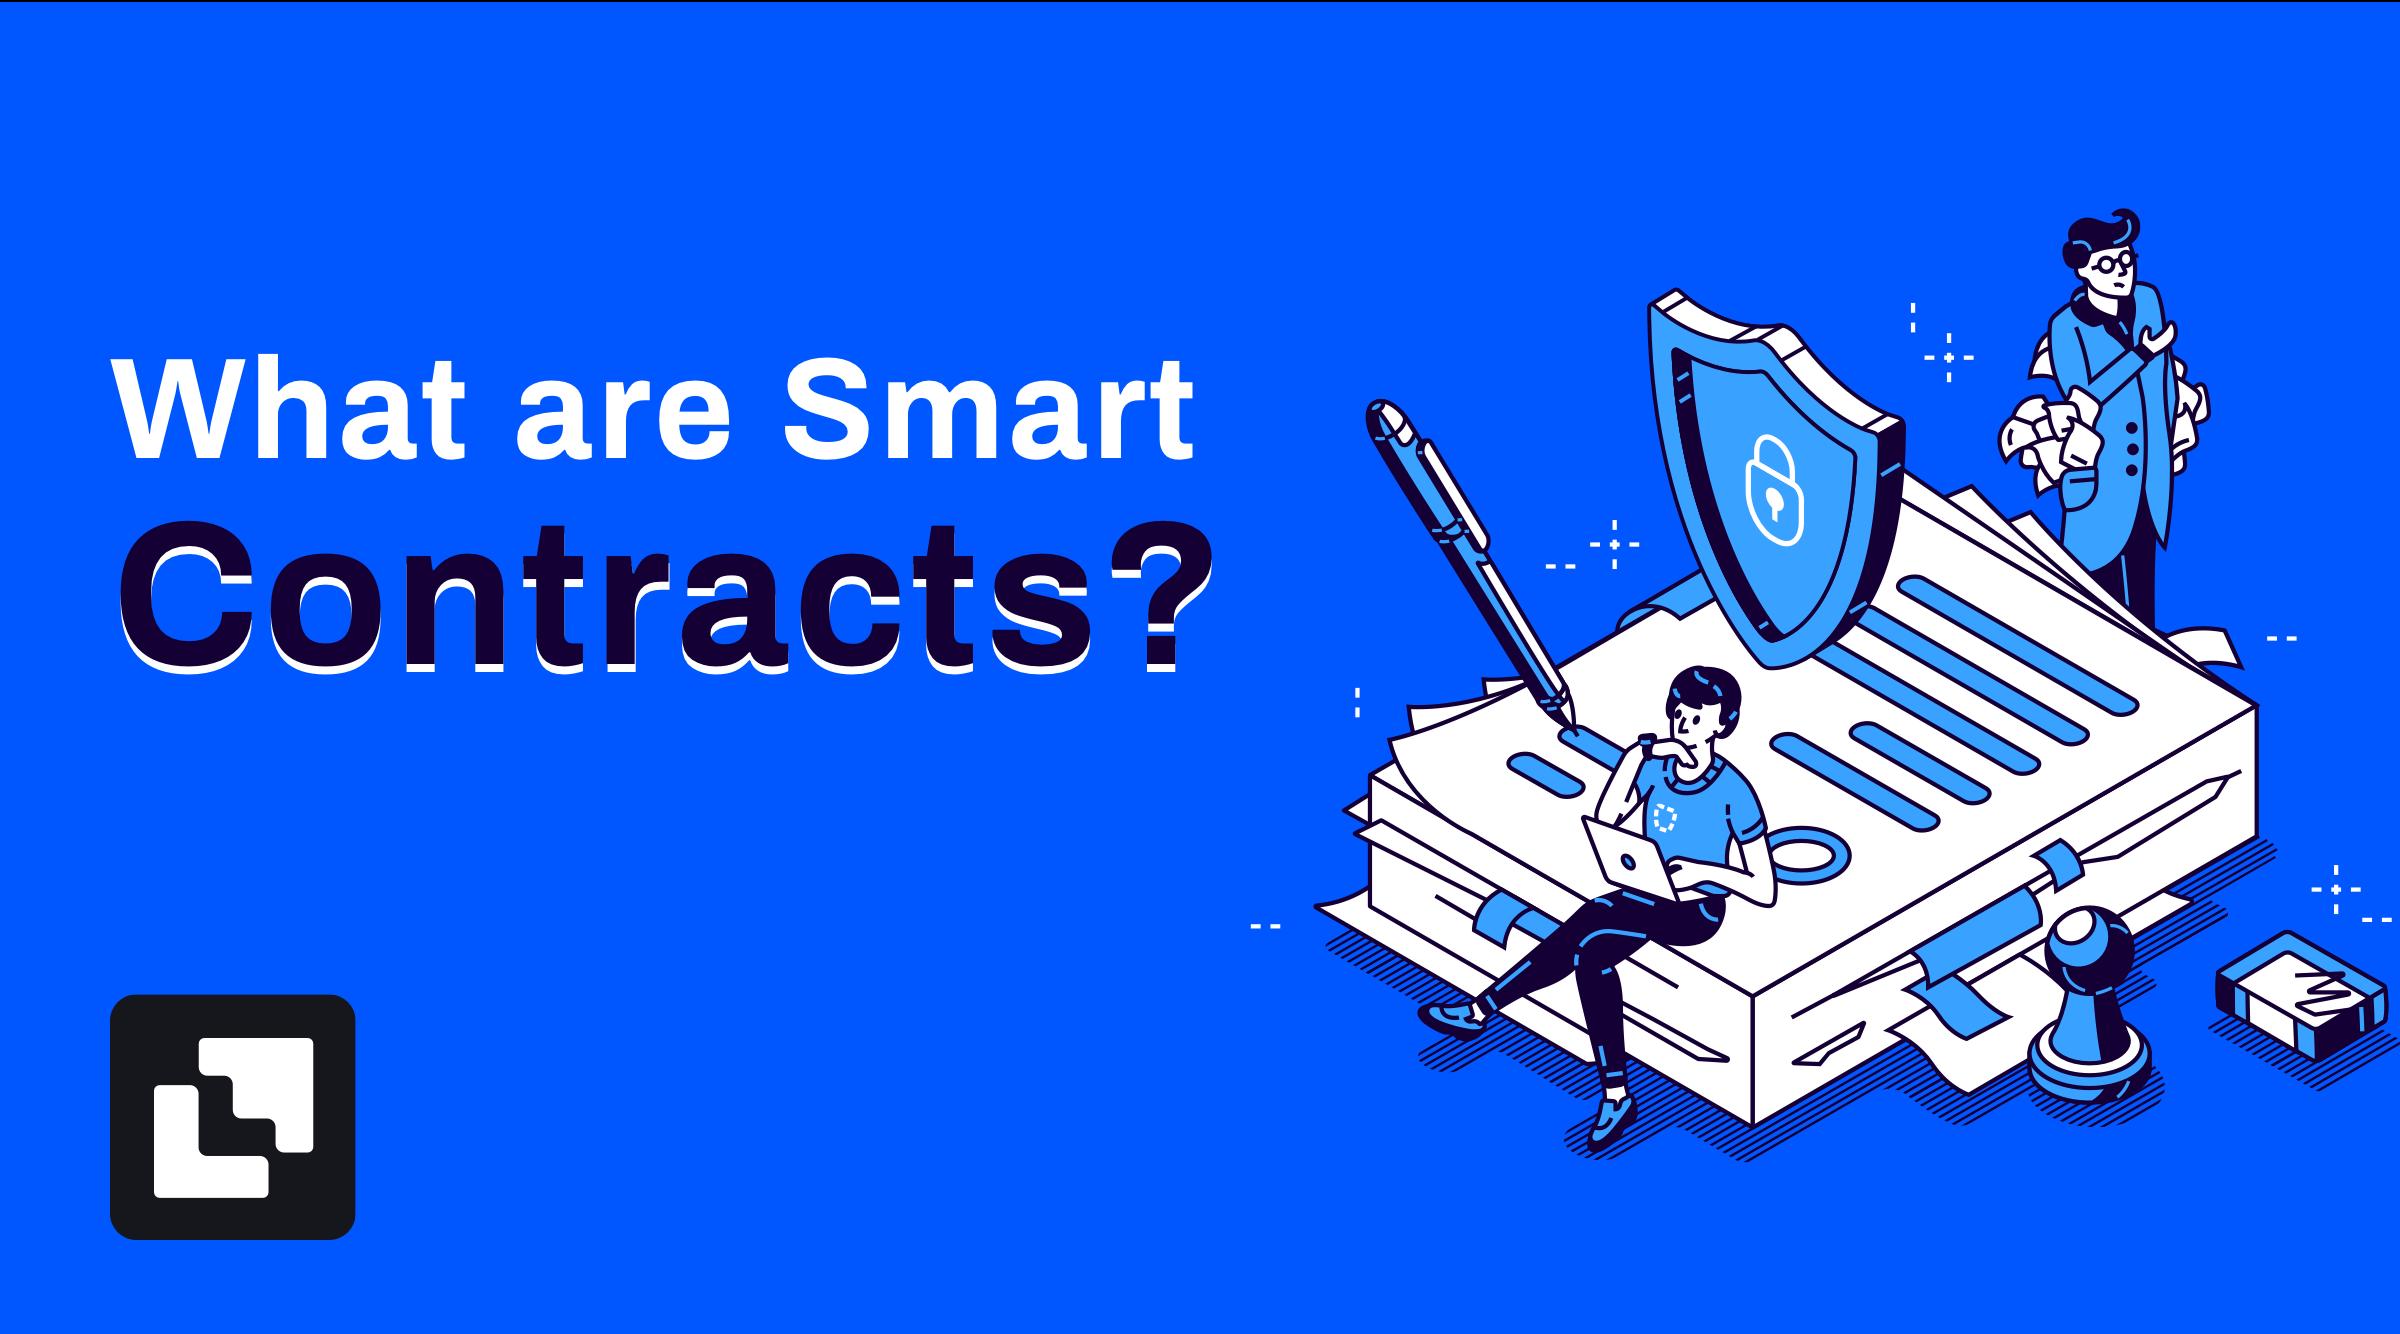 Smart contracts at liquid